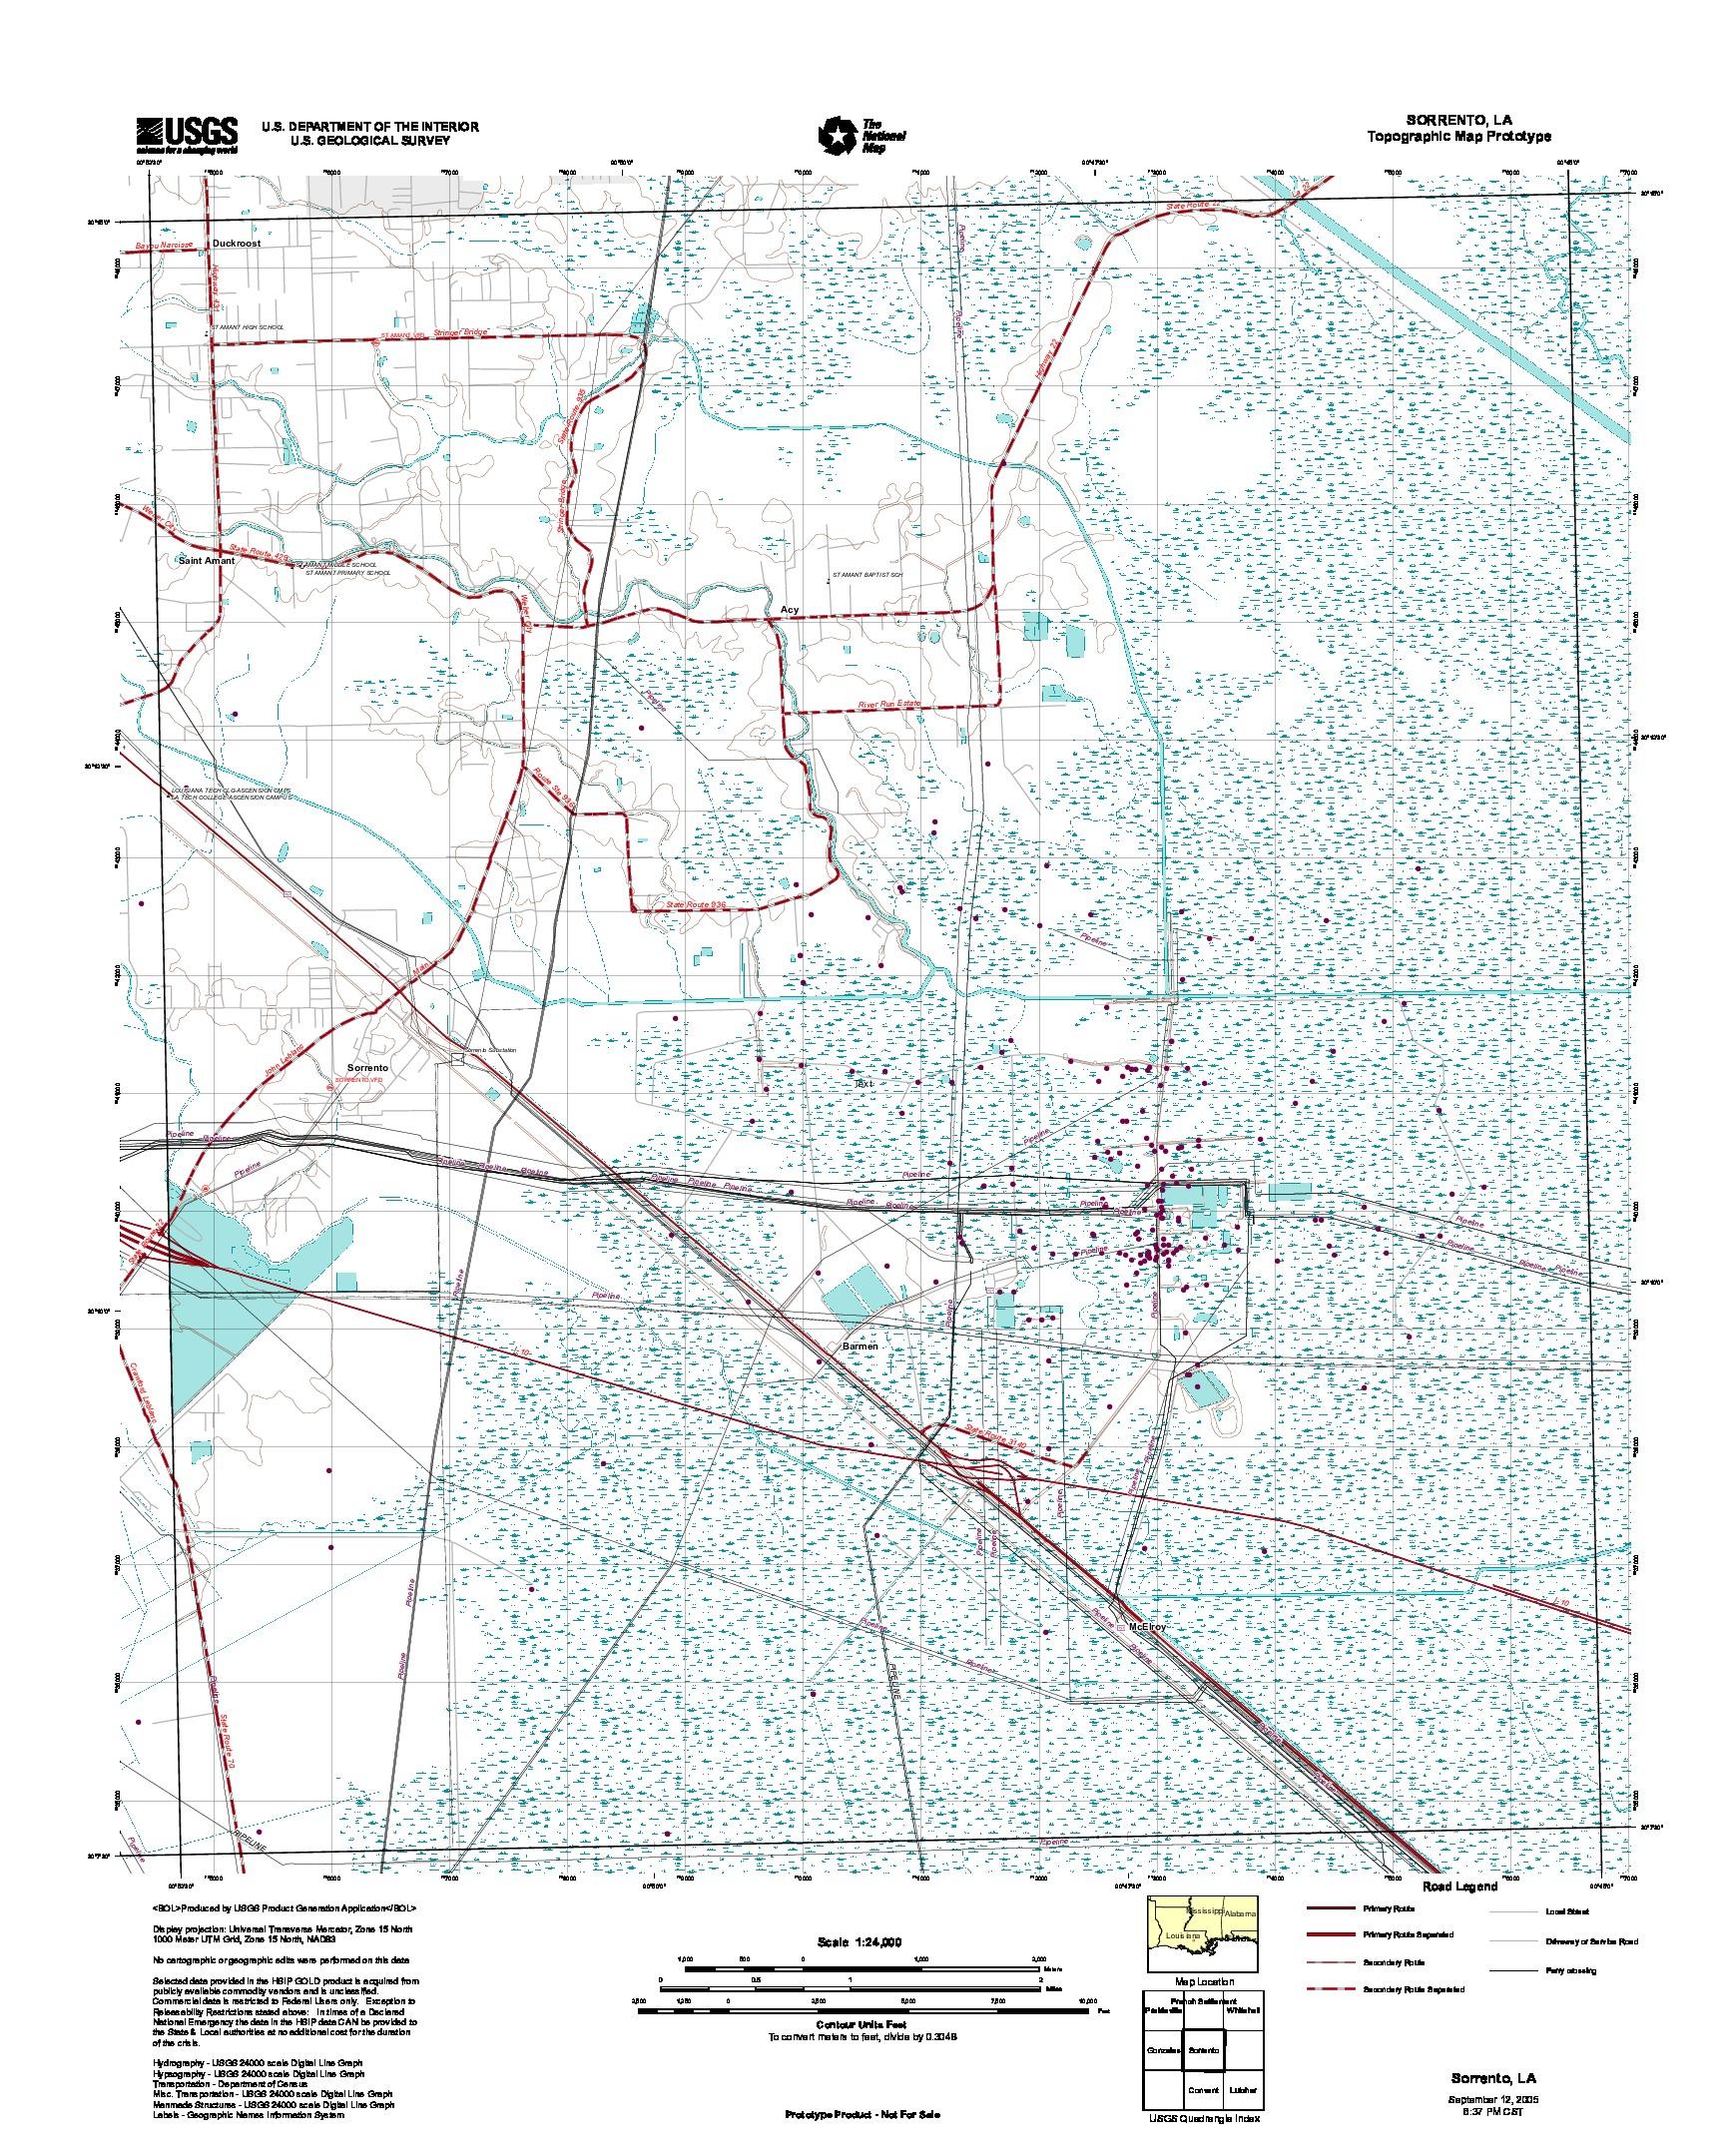 Prototipo de Mapa Topográfico de Sorrento, Luisiana, Estados Unidos, Septiembre 12, 2005